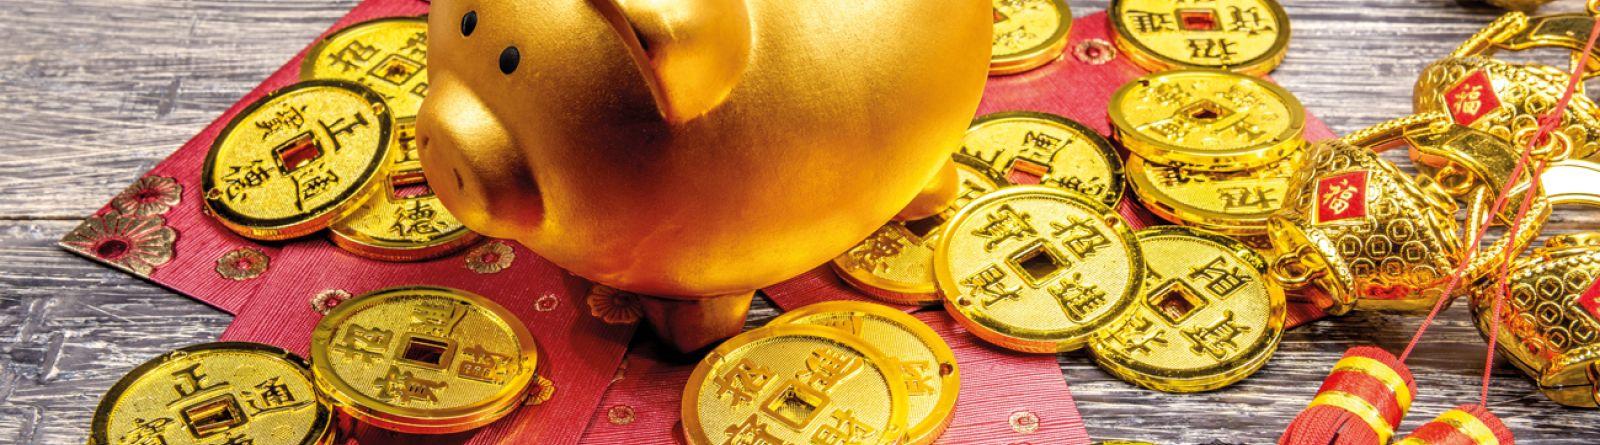 La battaglia della Cina contro l'inflazione importata